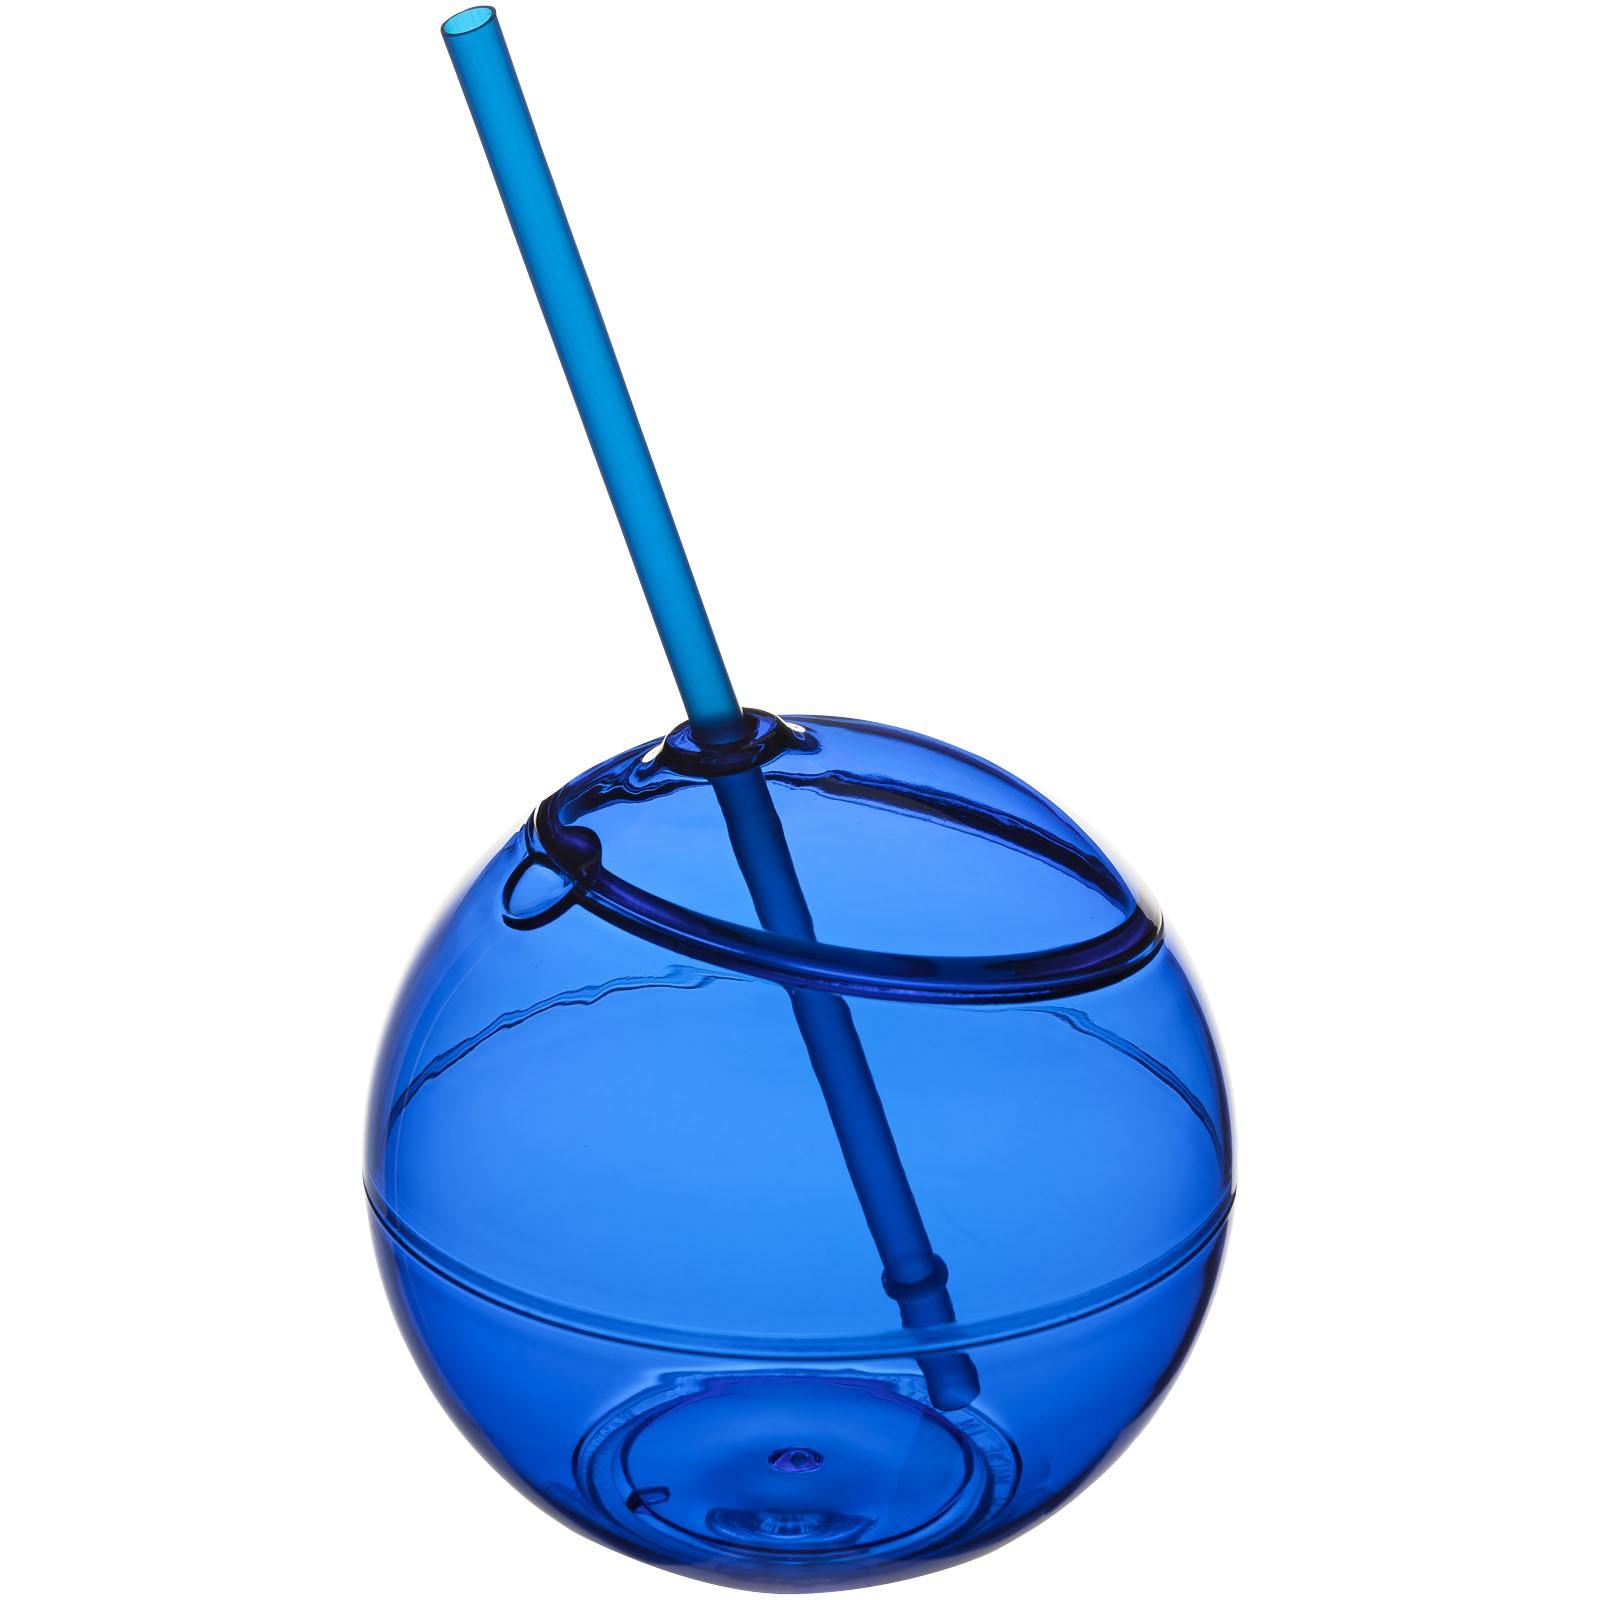 Koule se slámkou Fiesta - Světle modrá